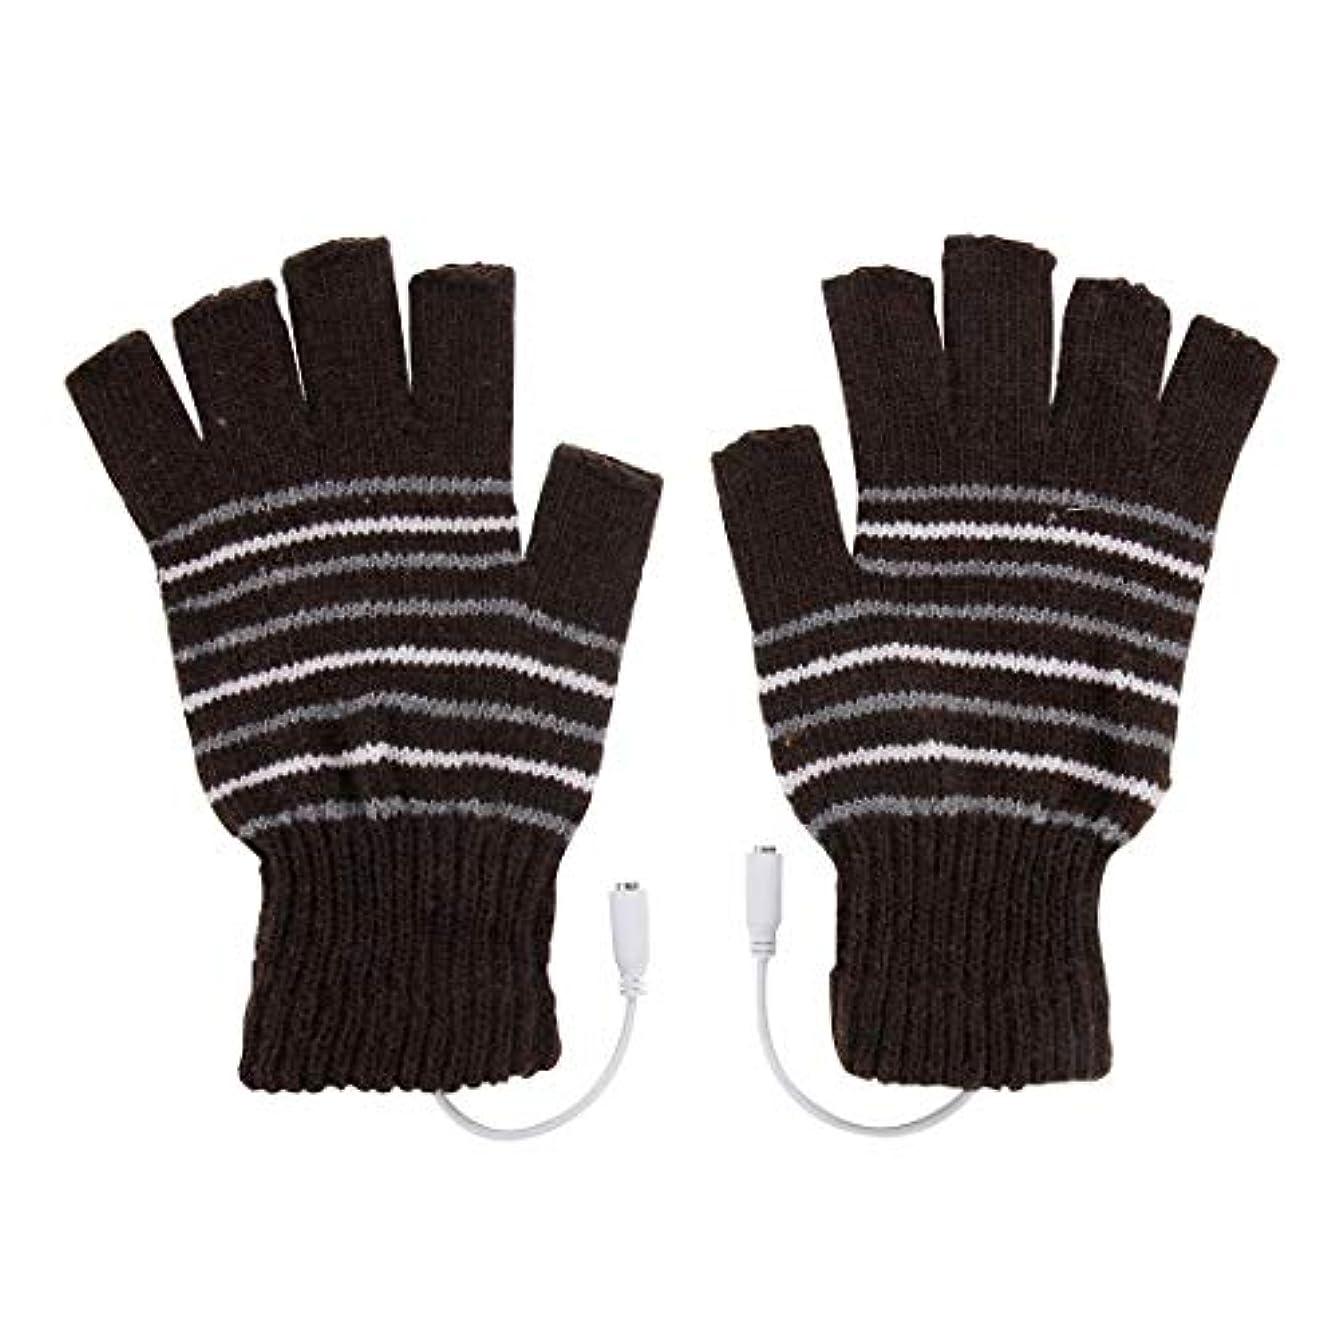 会話型吐くバラバラにするBAJIMI 手袋 グローブ レディース/メンズ ハンド ケア アウトドアスポーツ電気加熱半指ニット耐久性のある手袋 裏起毛 おしゃれ 手触りが良い 運転 耐磨耗性 換気性